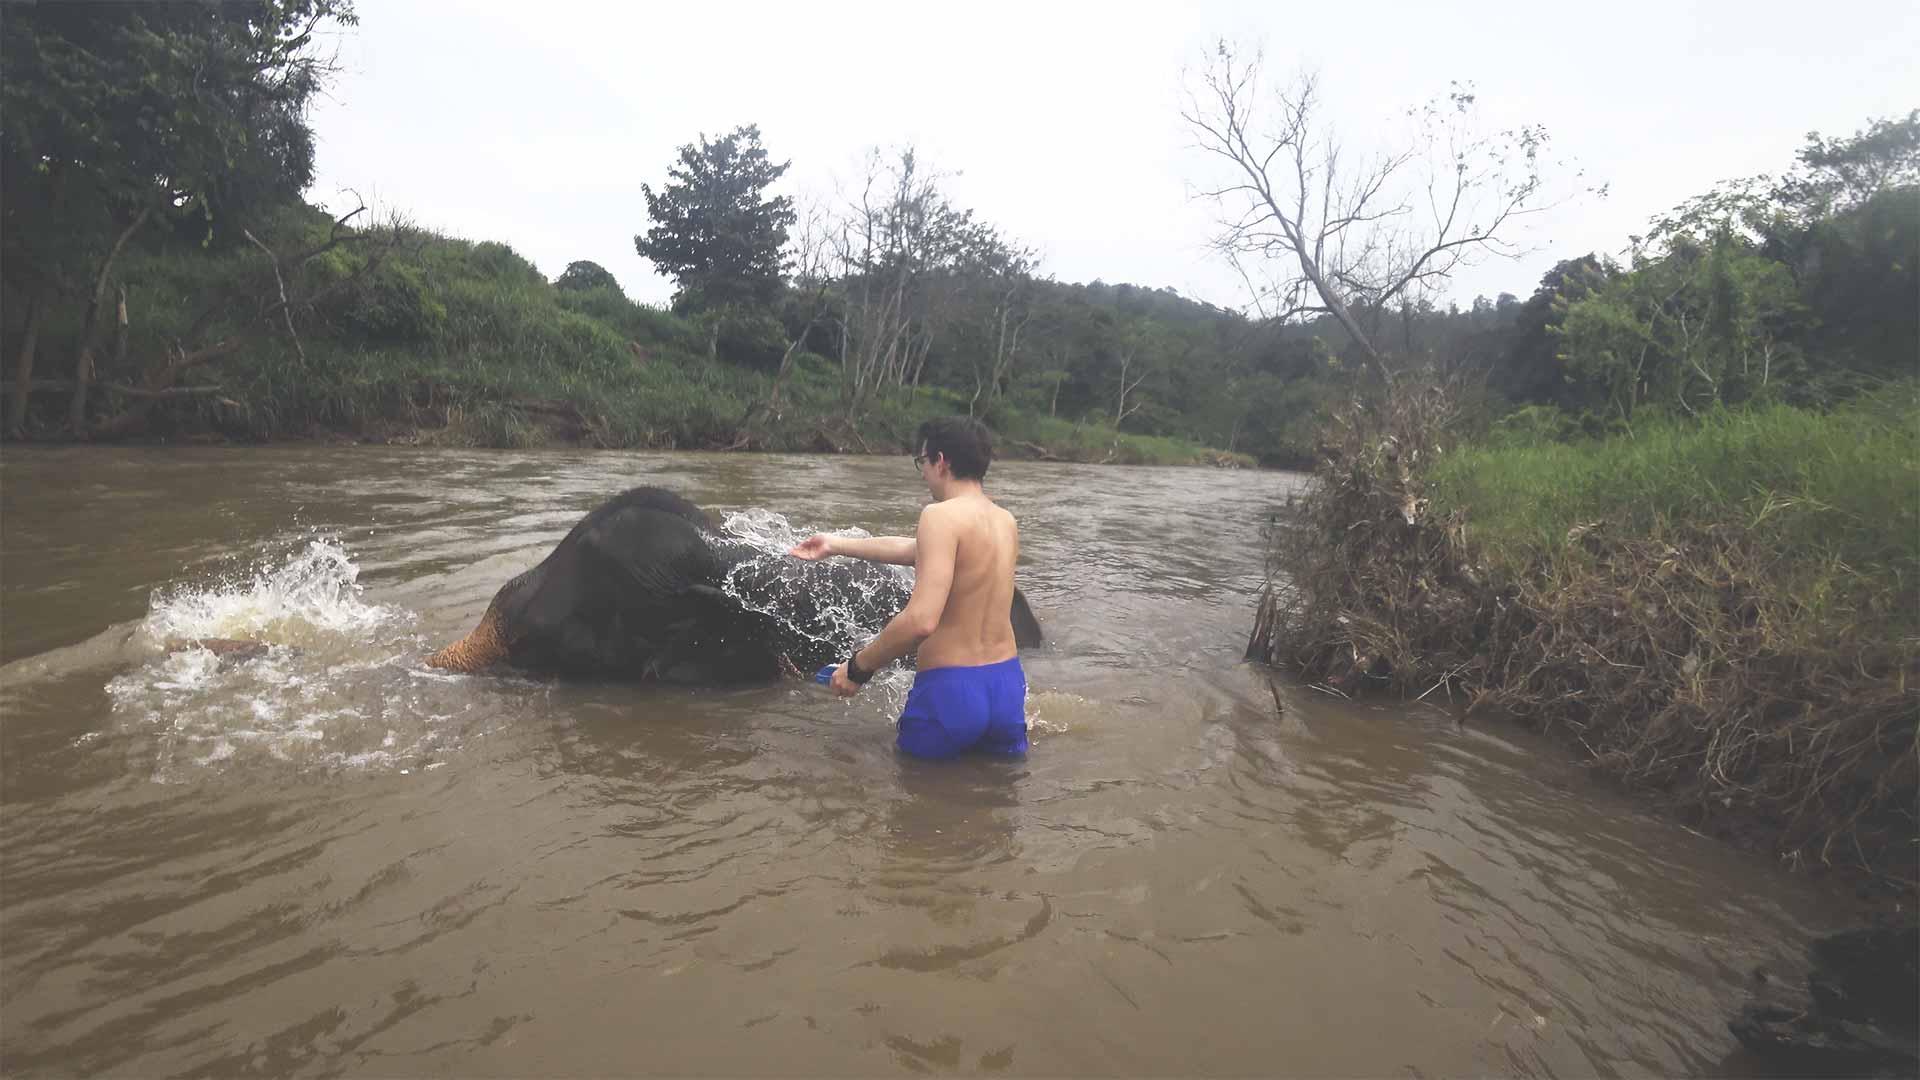 Elefantentour - Chiang Mai Mountain Sanctuary - Valentin im Fluss mit einem Elefanten - mit Elefanten baden und diese waschen